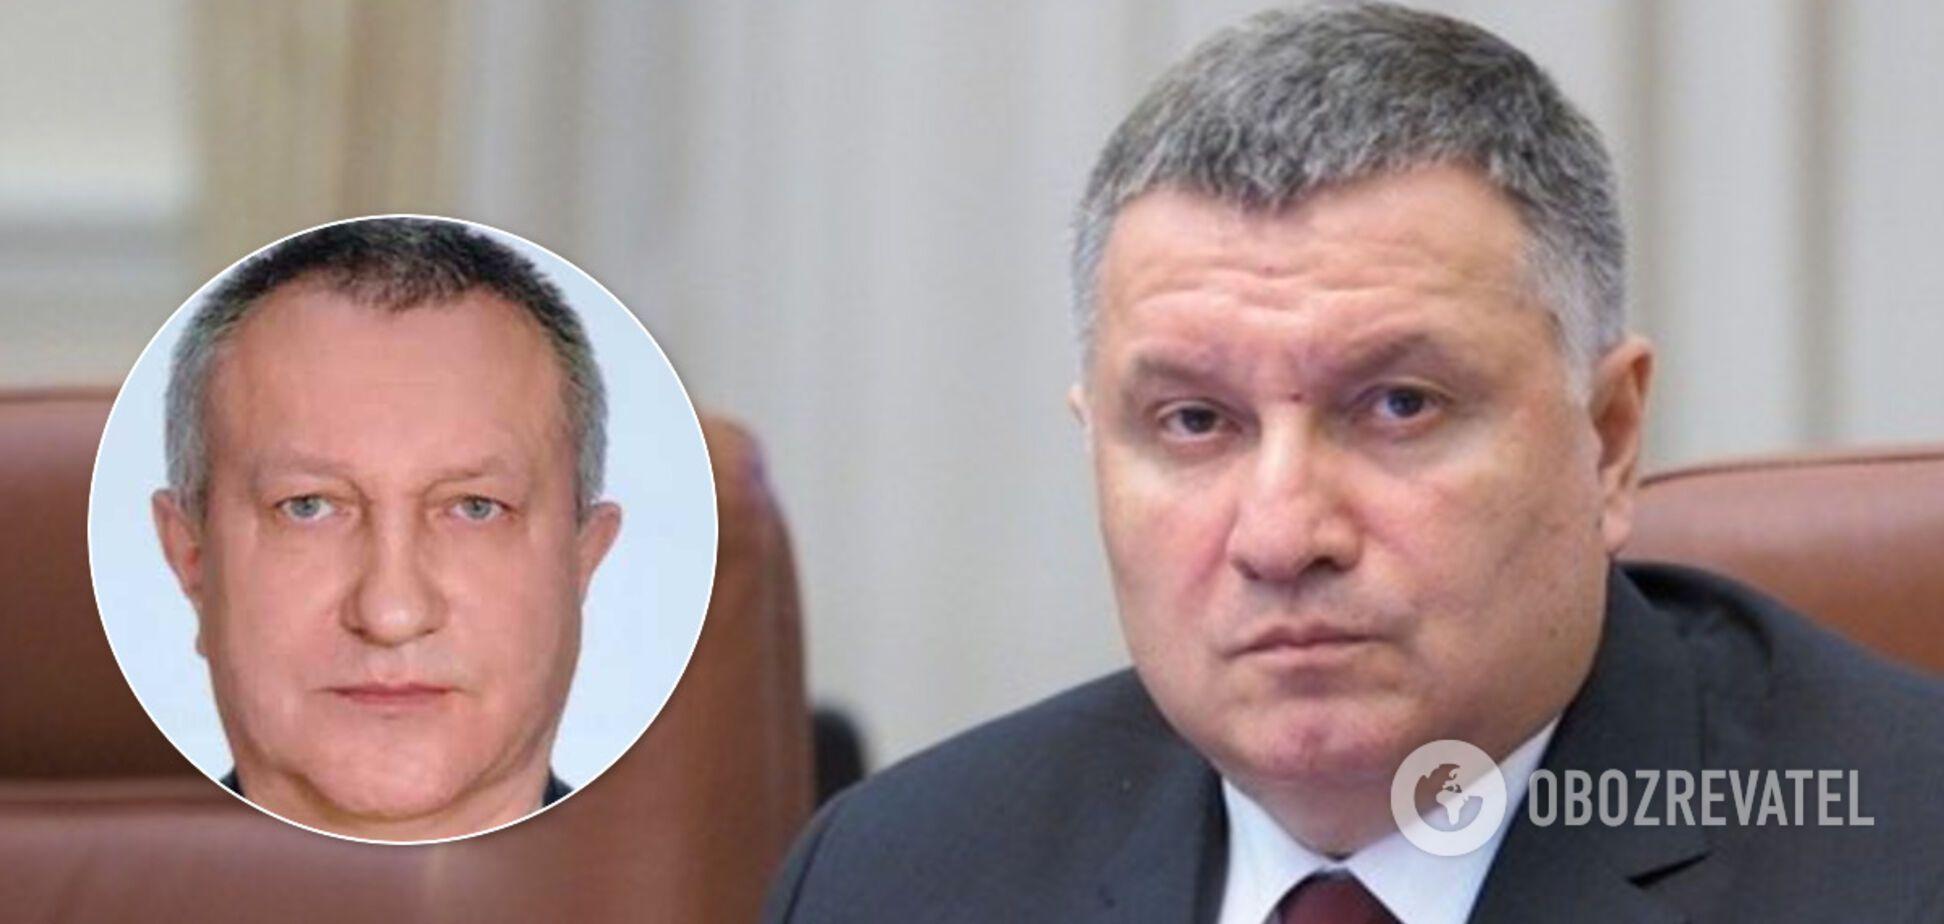 Генерал СБУ Шайтанов планировал убийство Авакова – Гордон